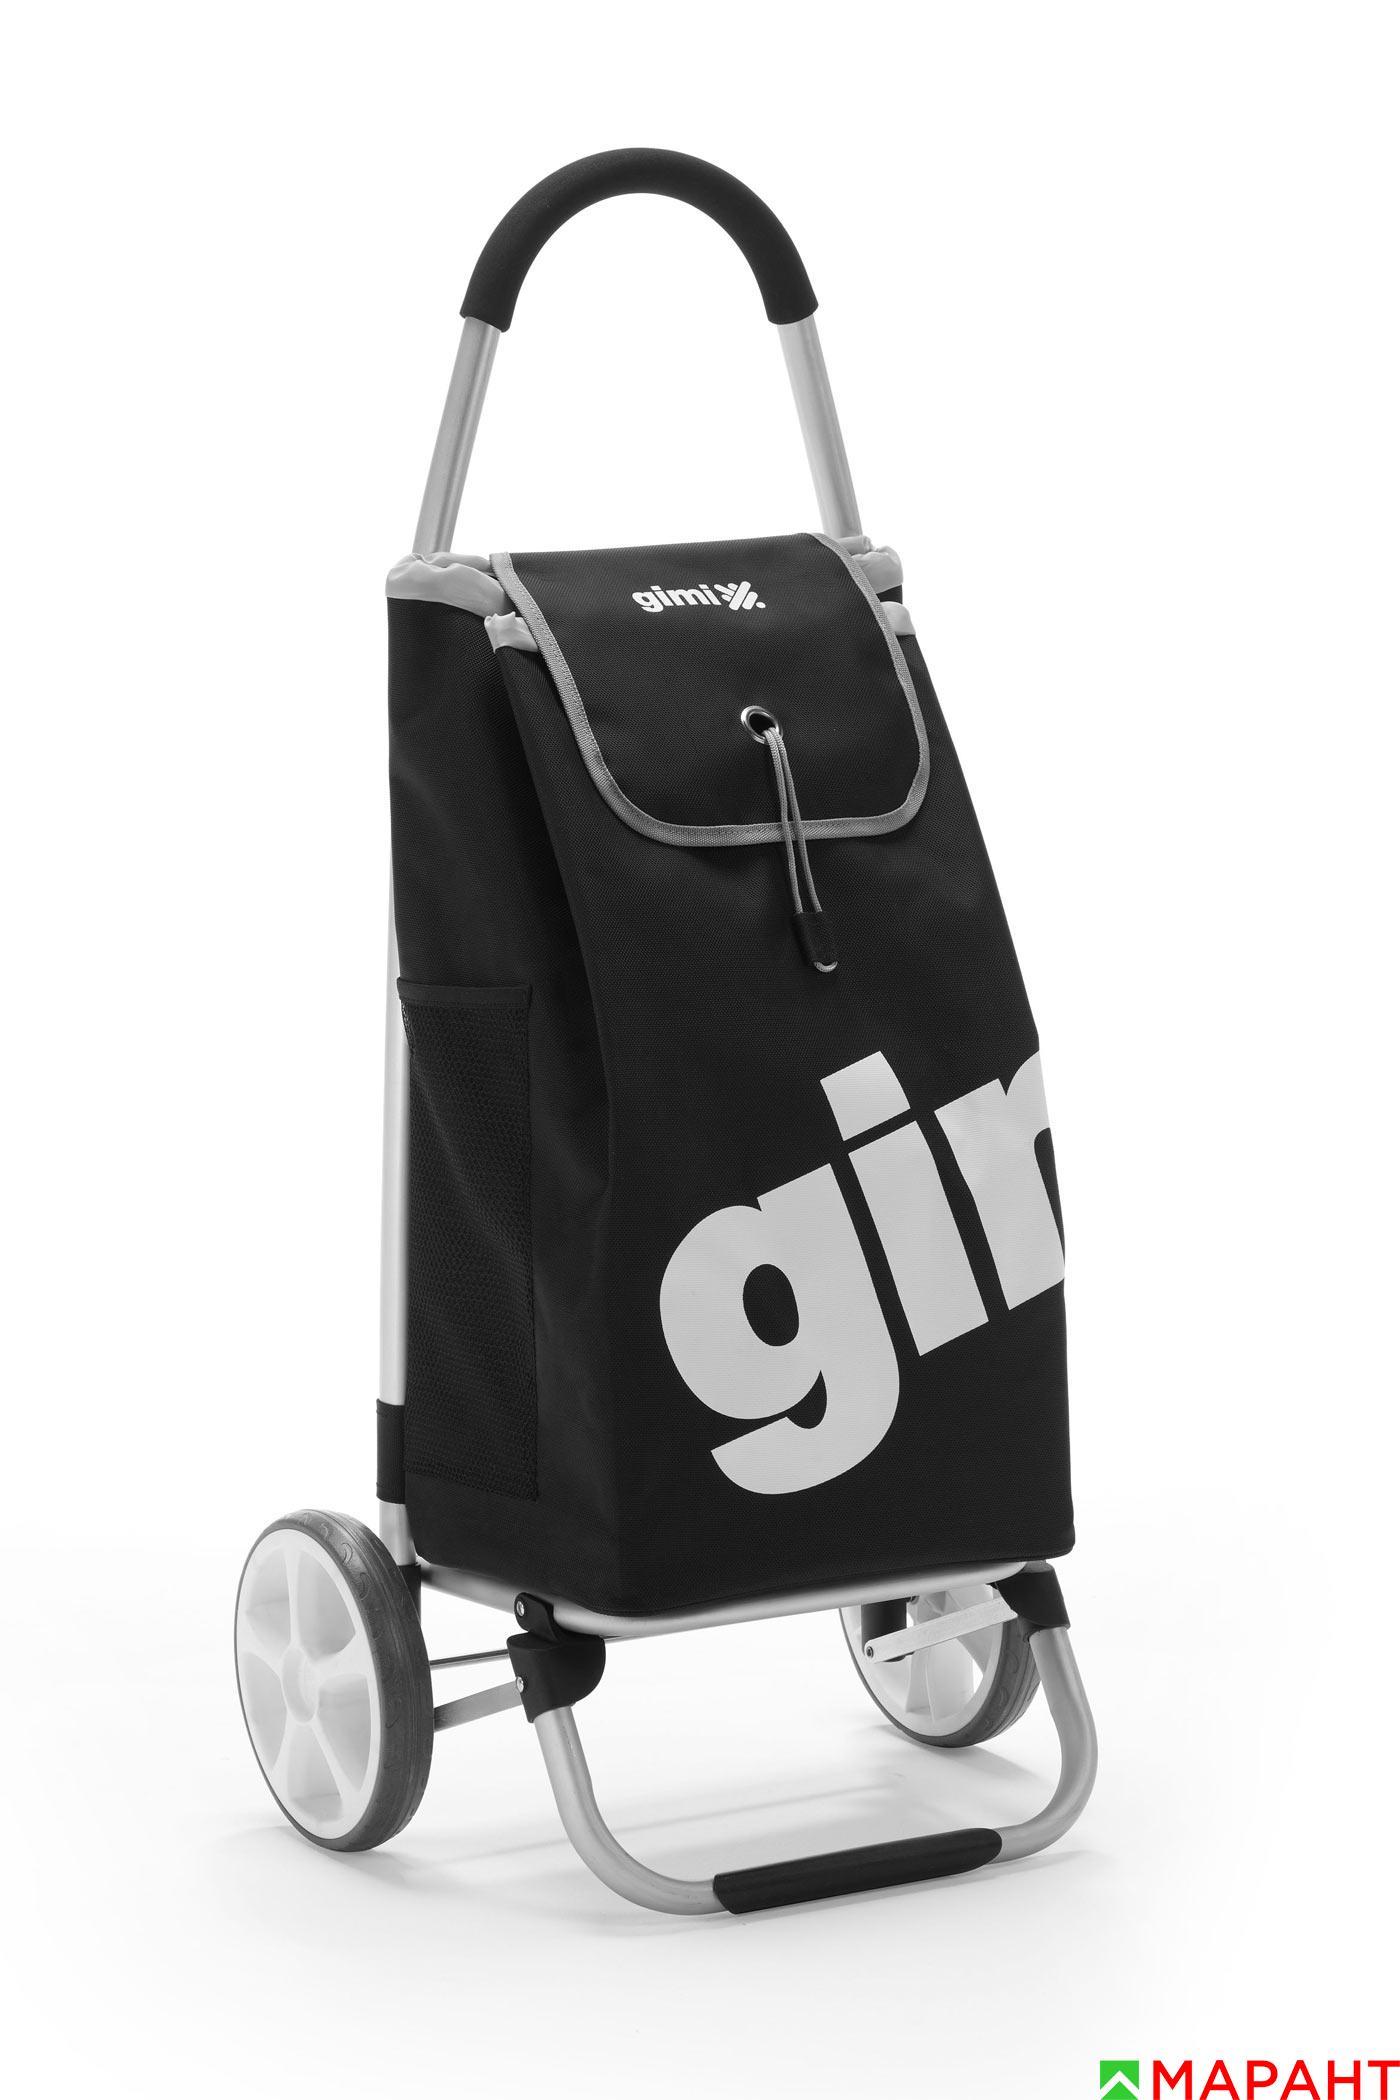 090c2cc56d00 Сумка-тележка Gimi Galaxy — купить за 3 190 ₽ в интернет-магазине ...